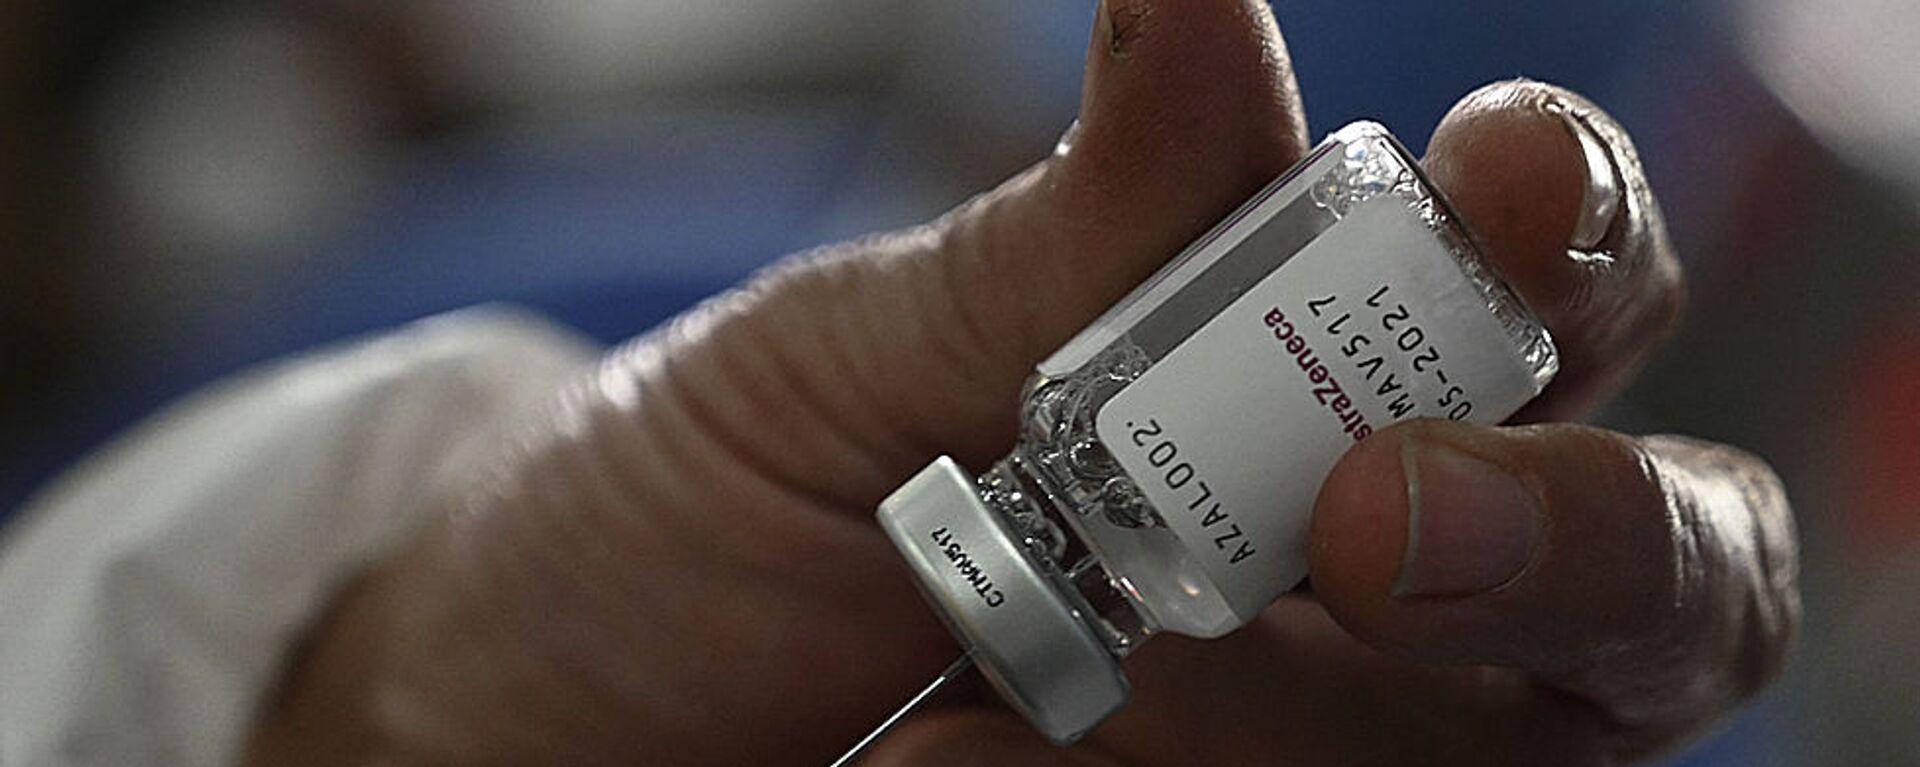 Vaccino AstraZeneca - Sputnik Italia, 1920, 31.03.2021